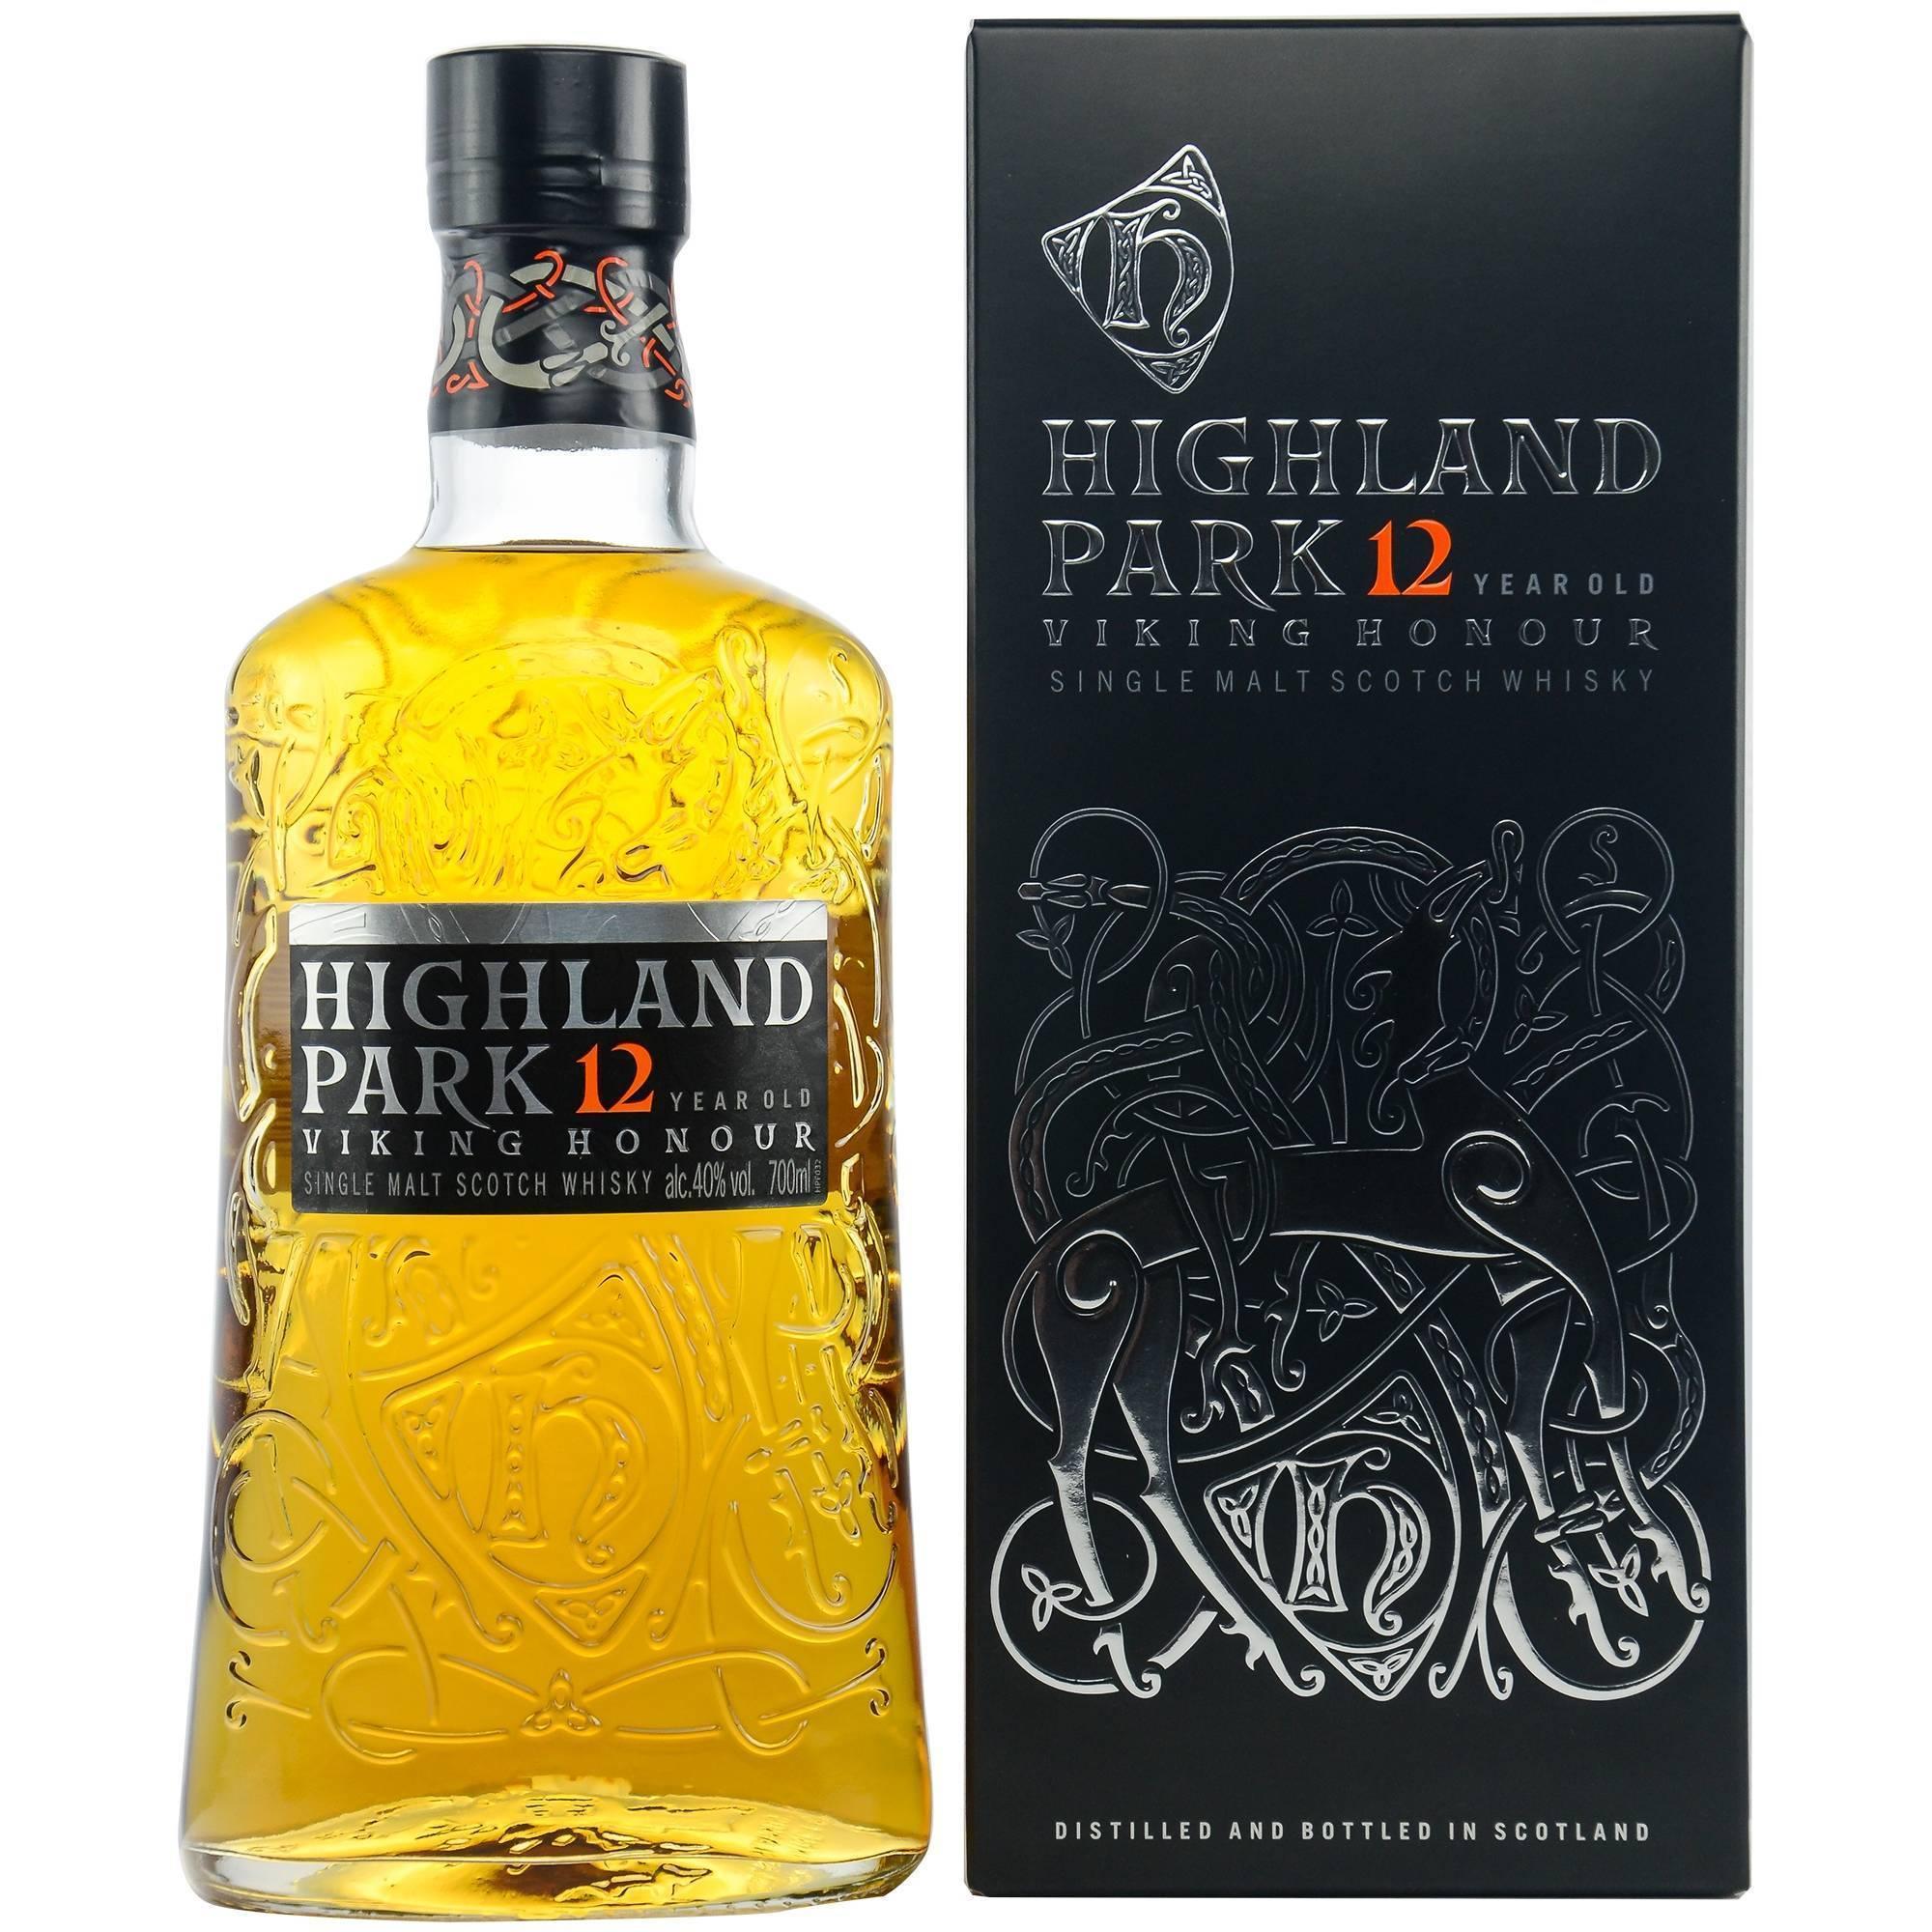 Виски хайленд парк (highland park): особенности производства, обширная линейка бренда